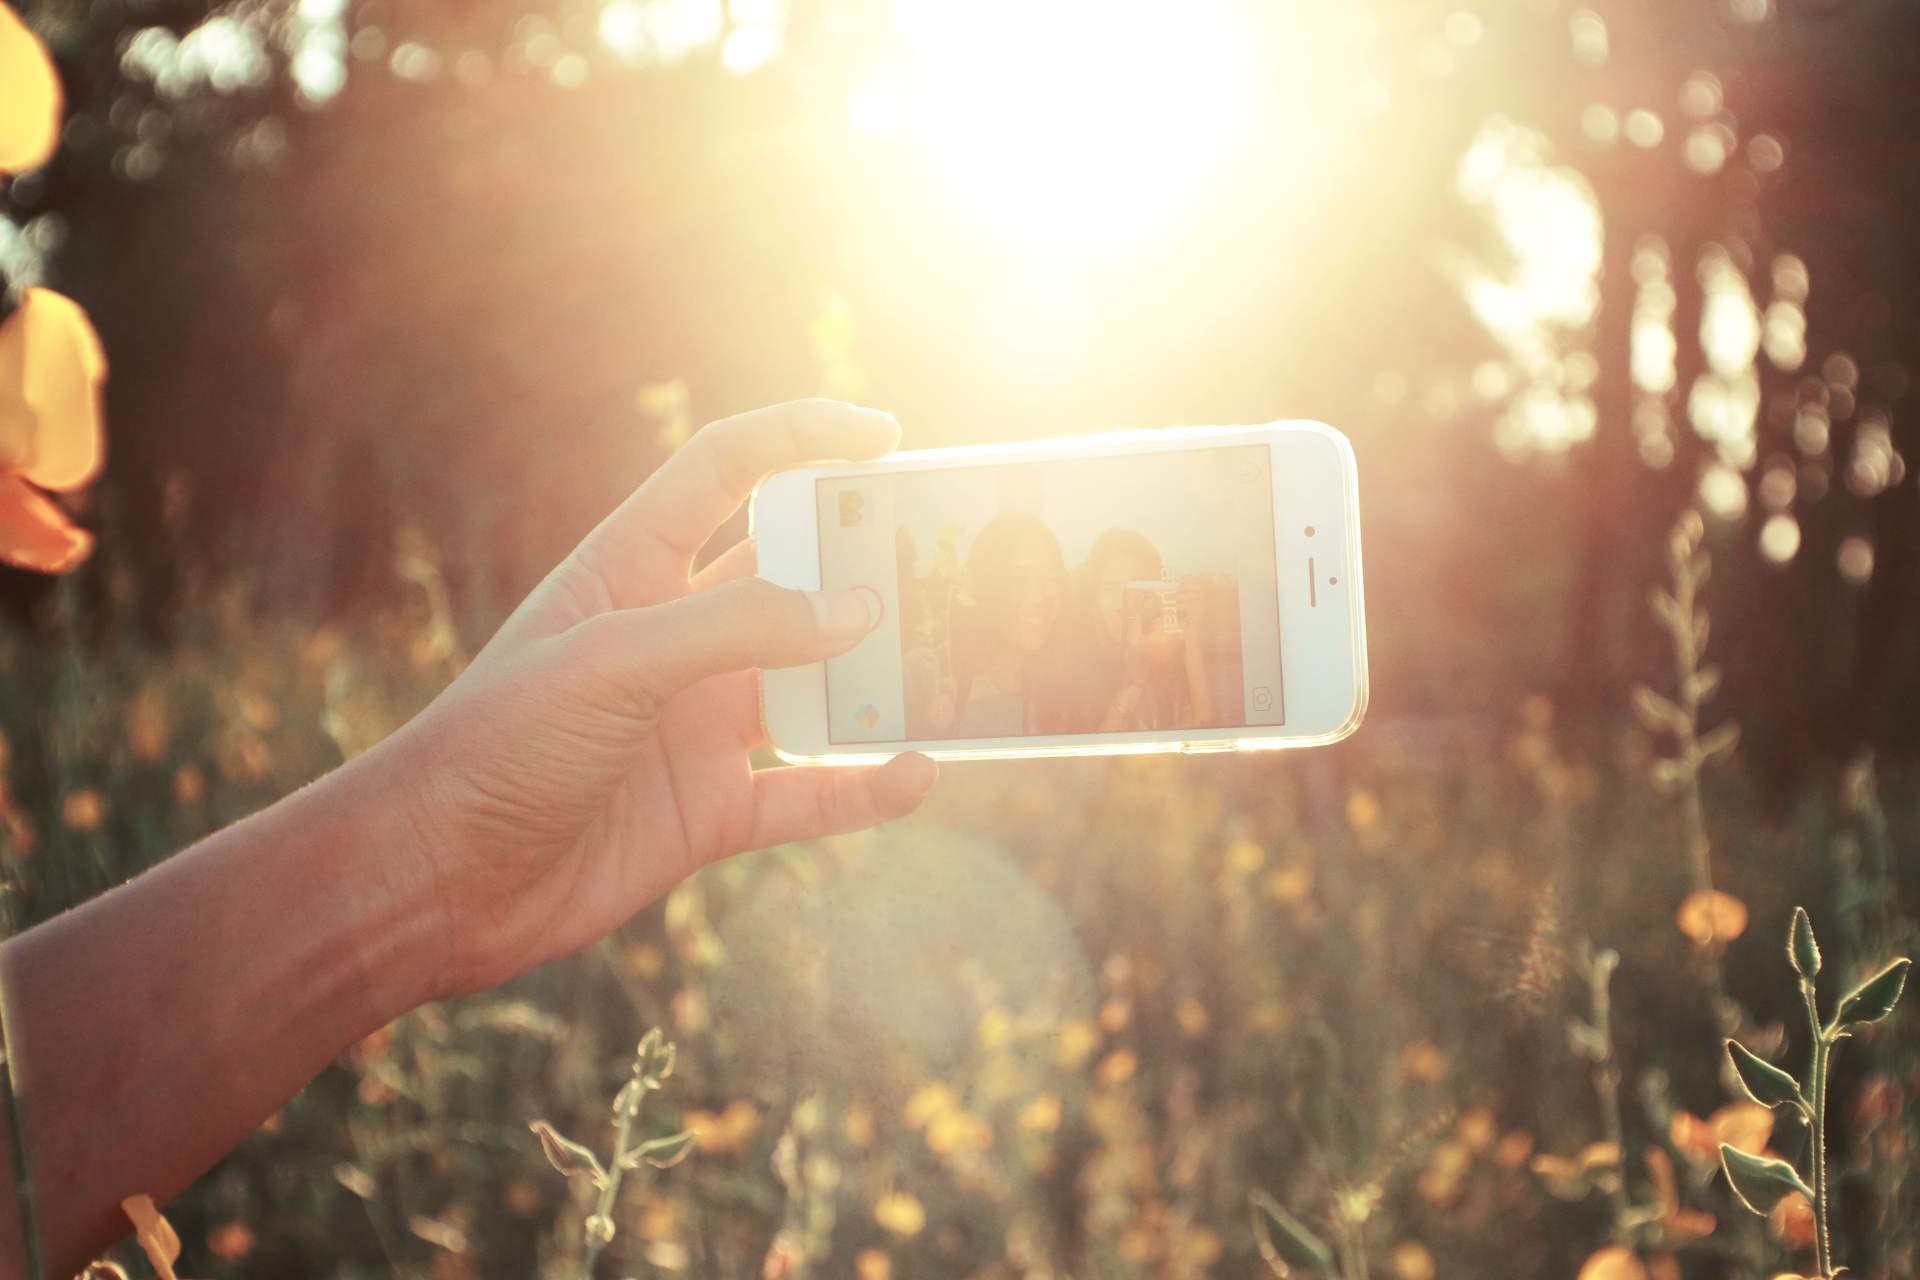 Eigentlich reicht das Smartphone im Urlaub. (Bild: Pexels.com)